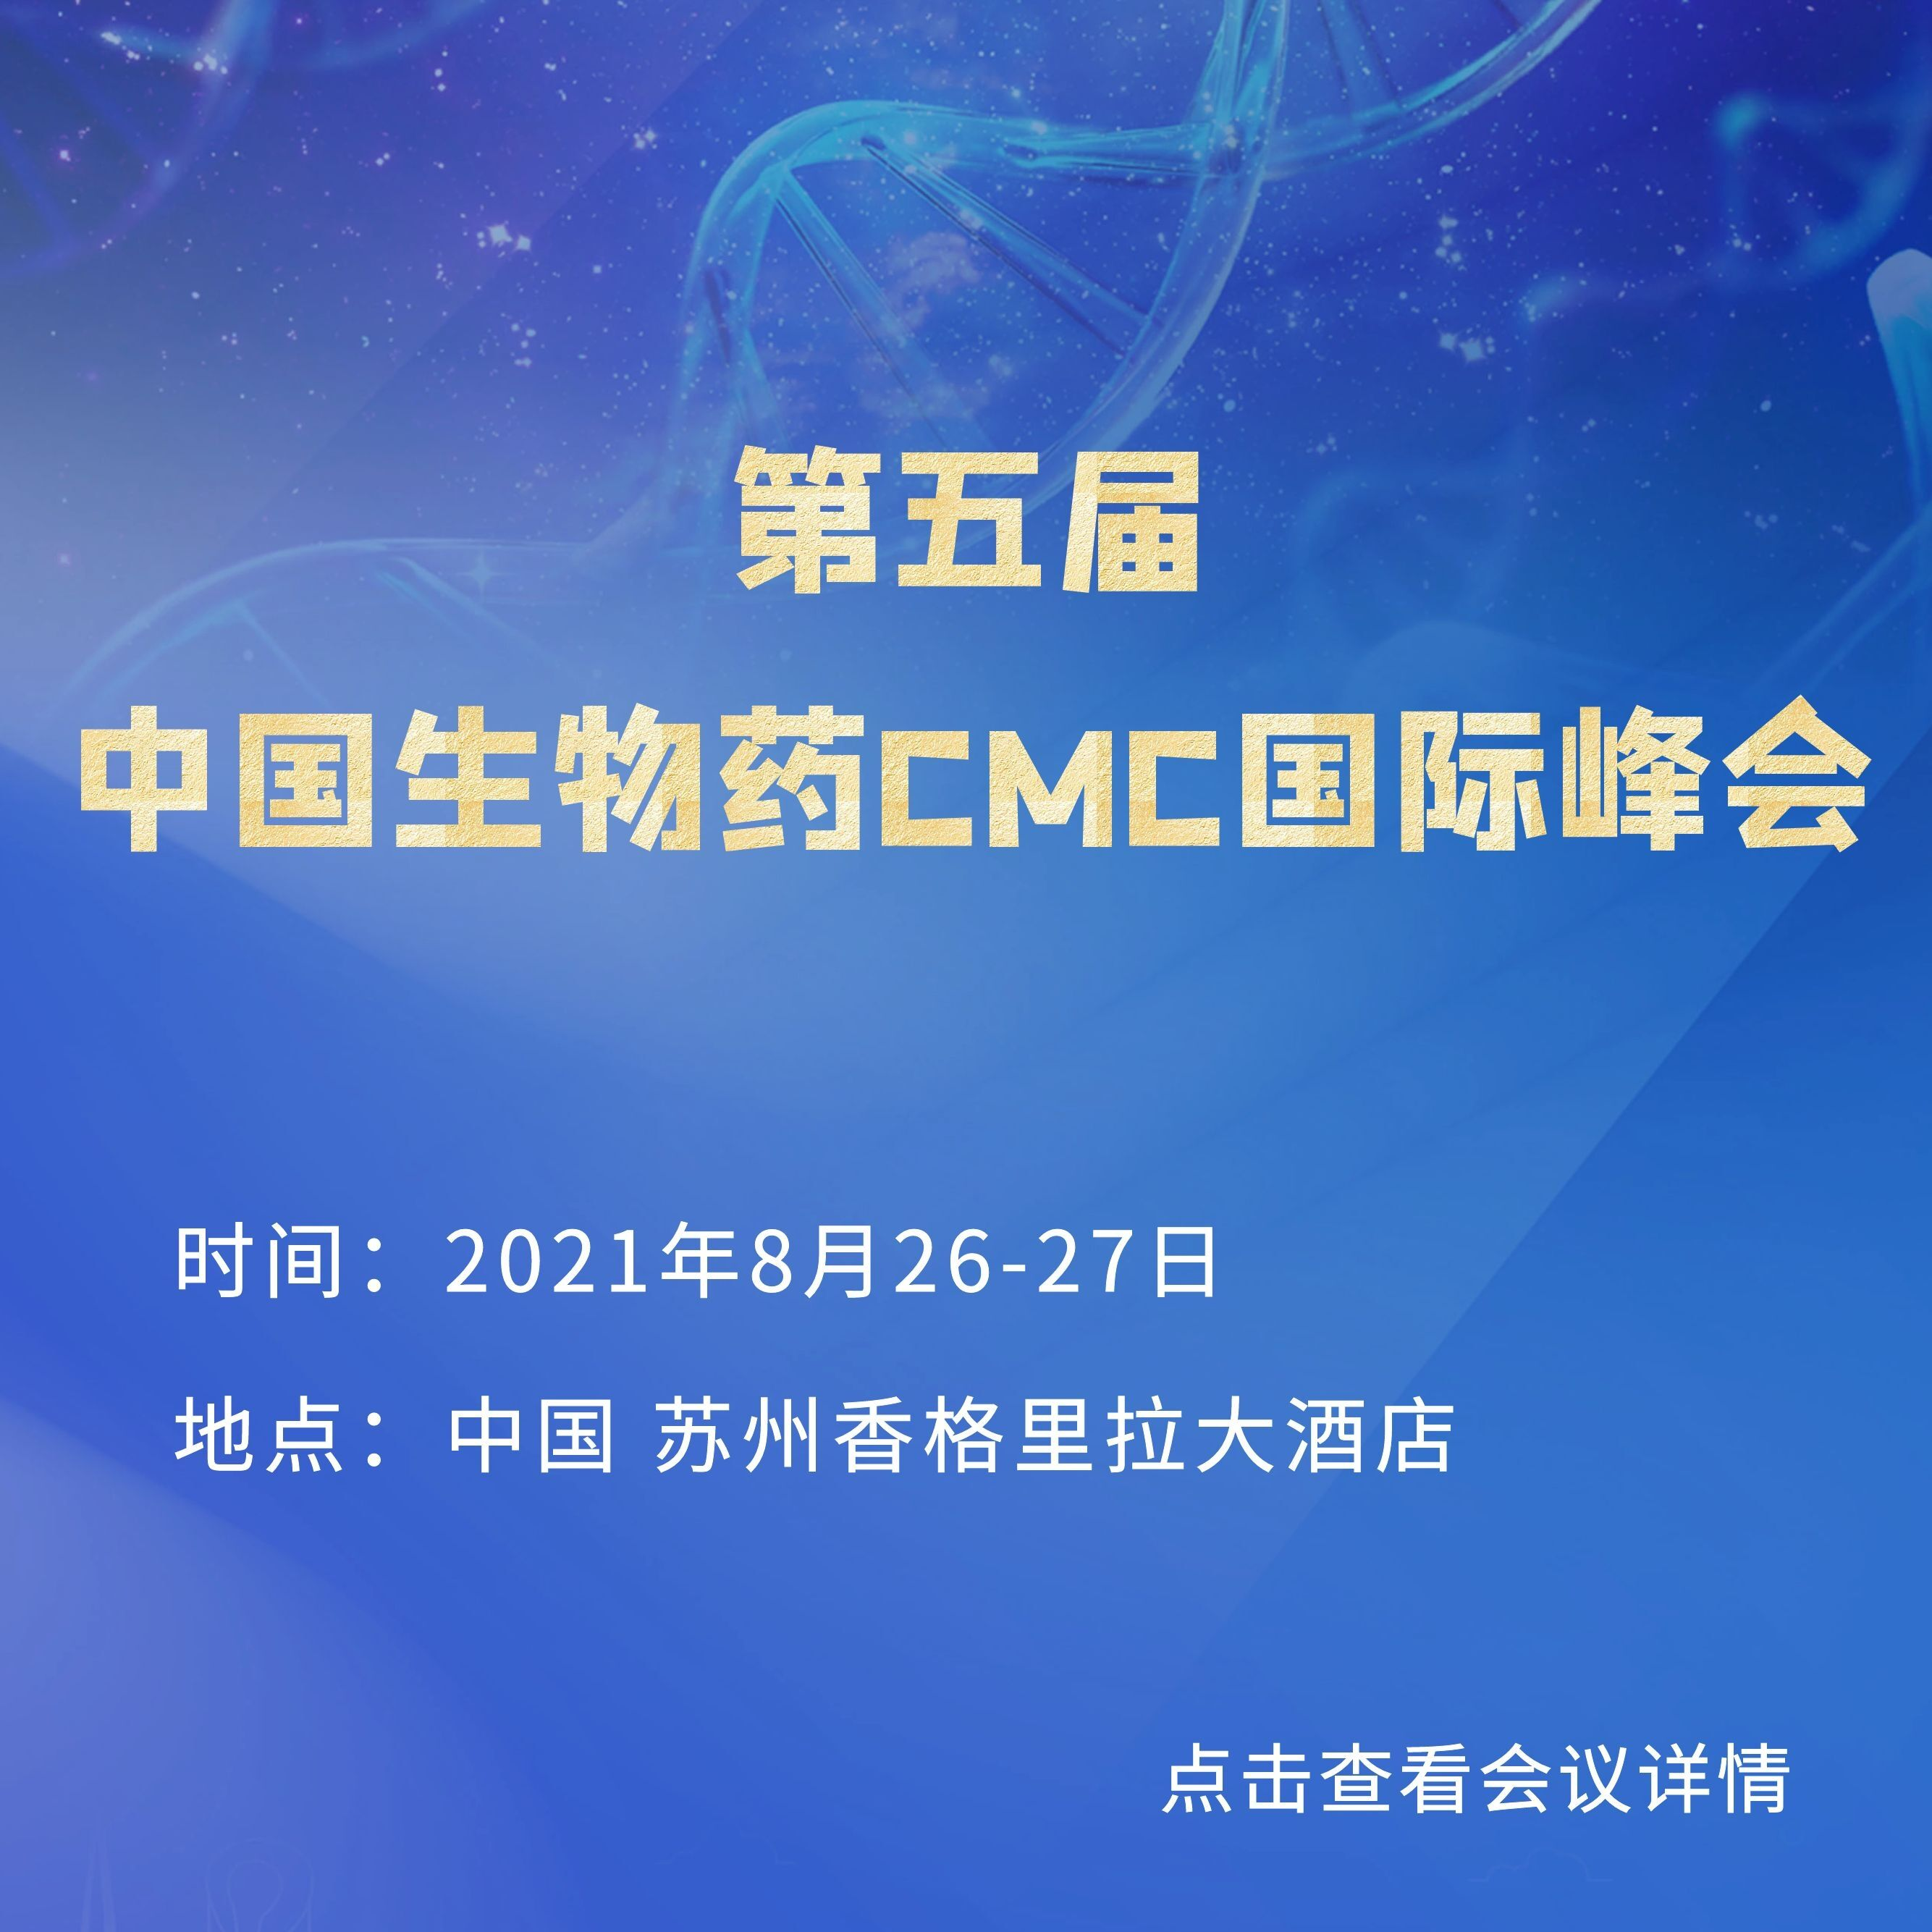 第五届中国生物药CMC国际峰会